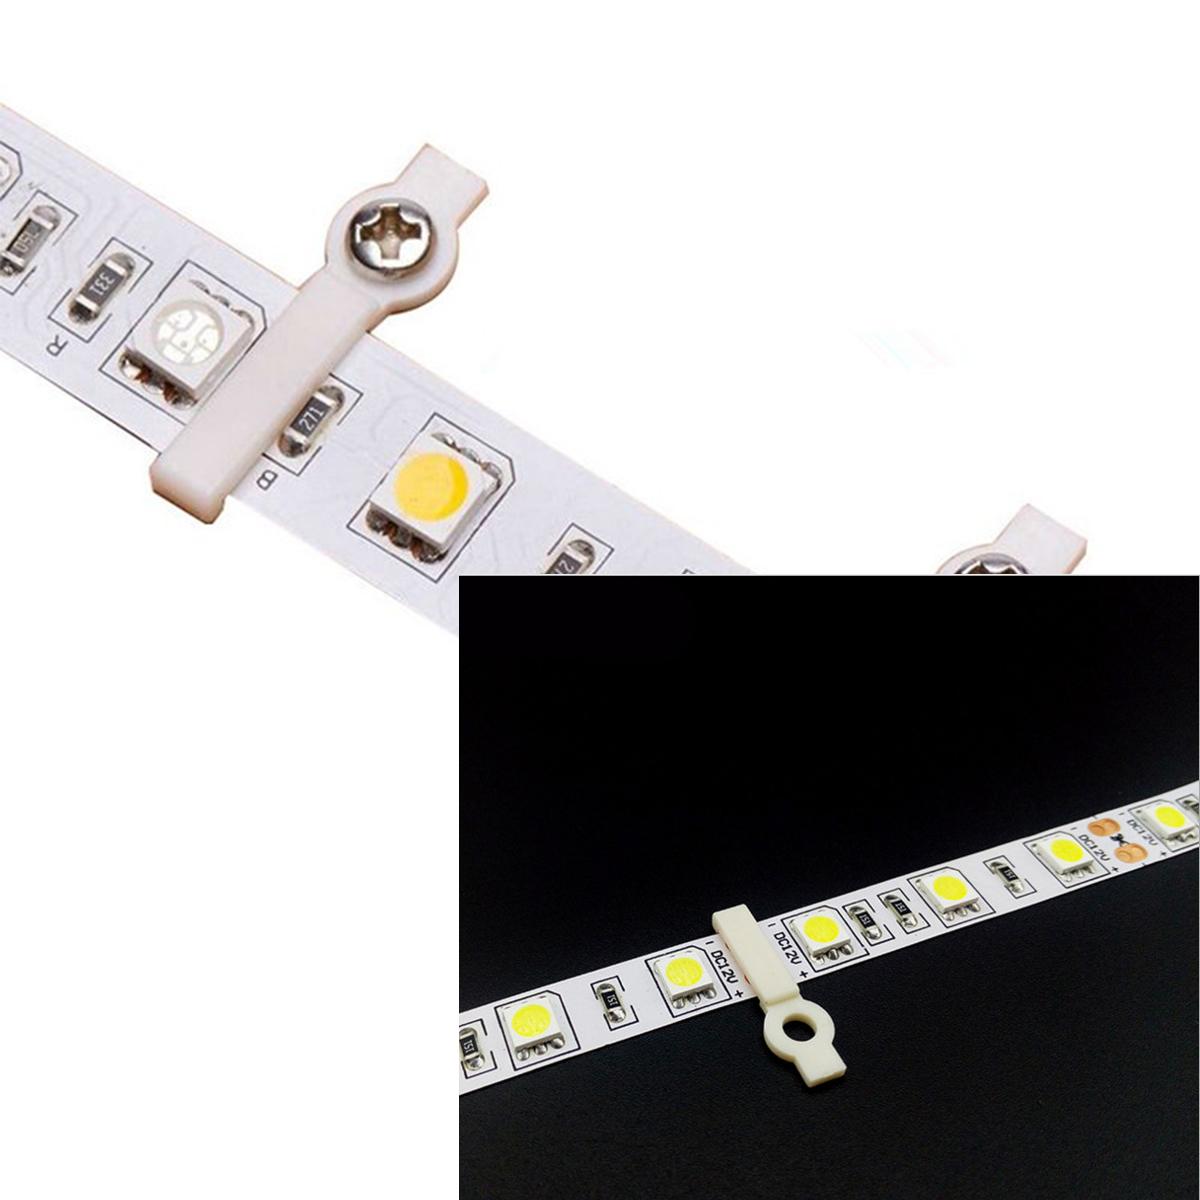 LEDテープ用 サドル 片側固定クリップ 留め具 20個セット テープLED ネジなし SDM便送料無料 1ヶ月保証